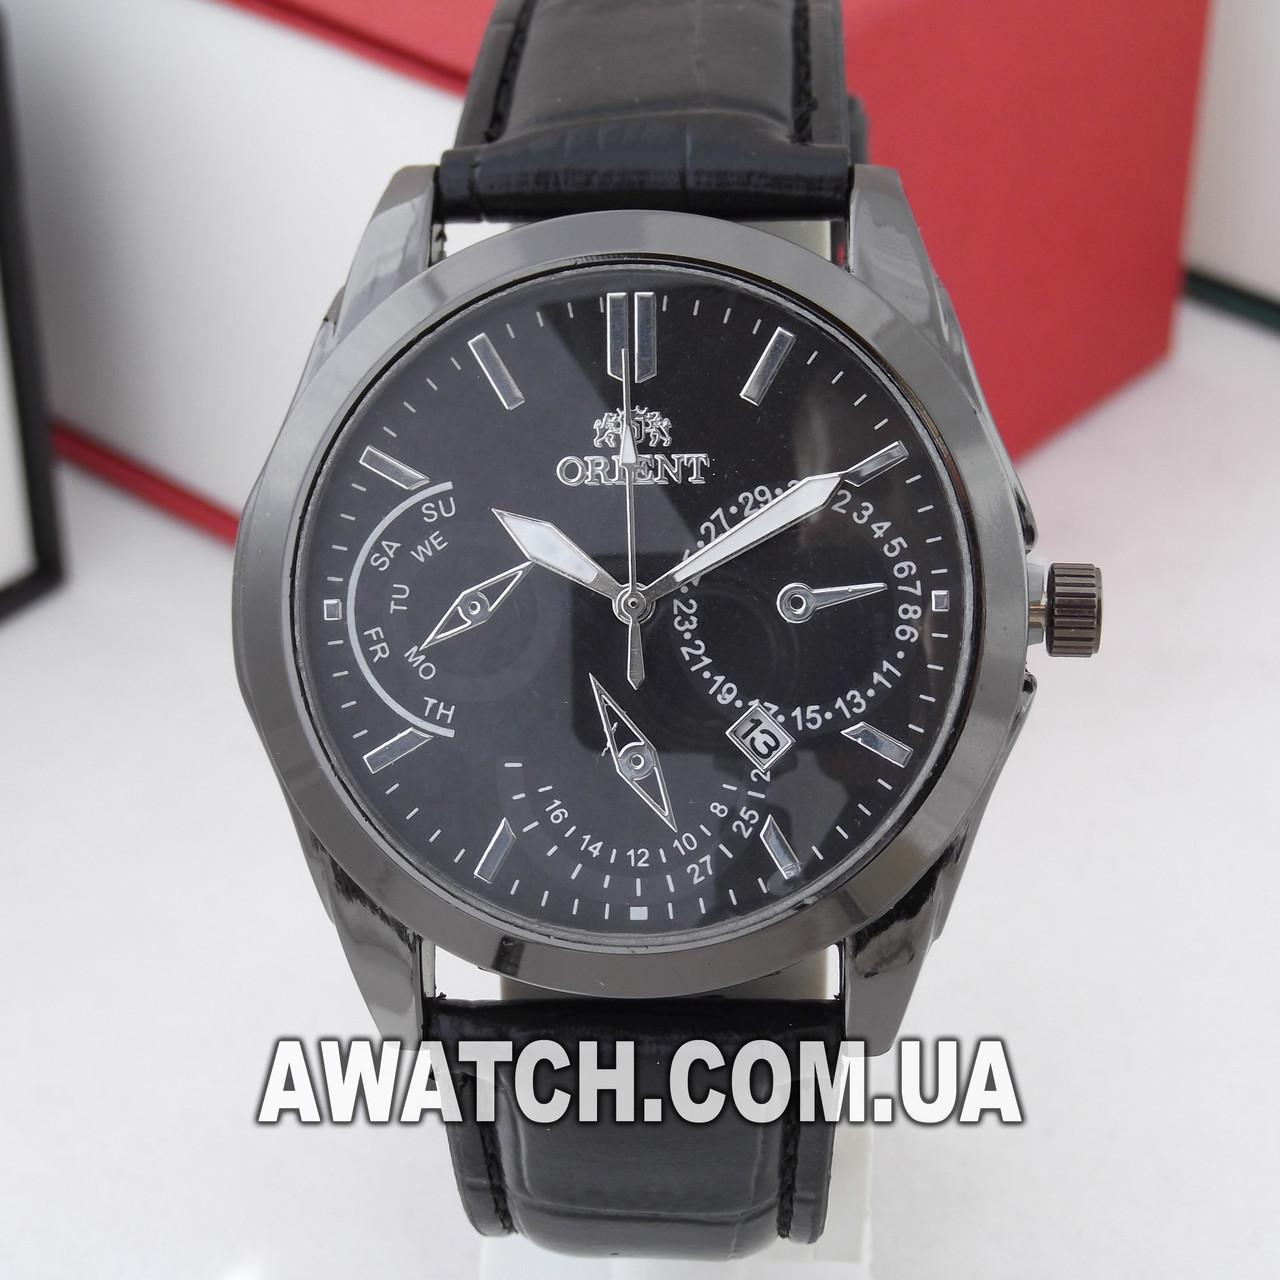 Часы кварцевые наручные мужские заказать купить механические часы в днепропетровске